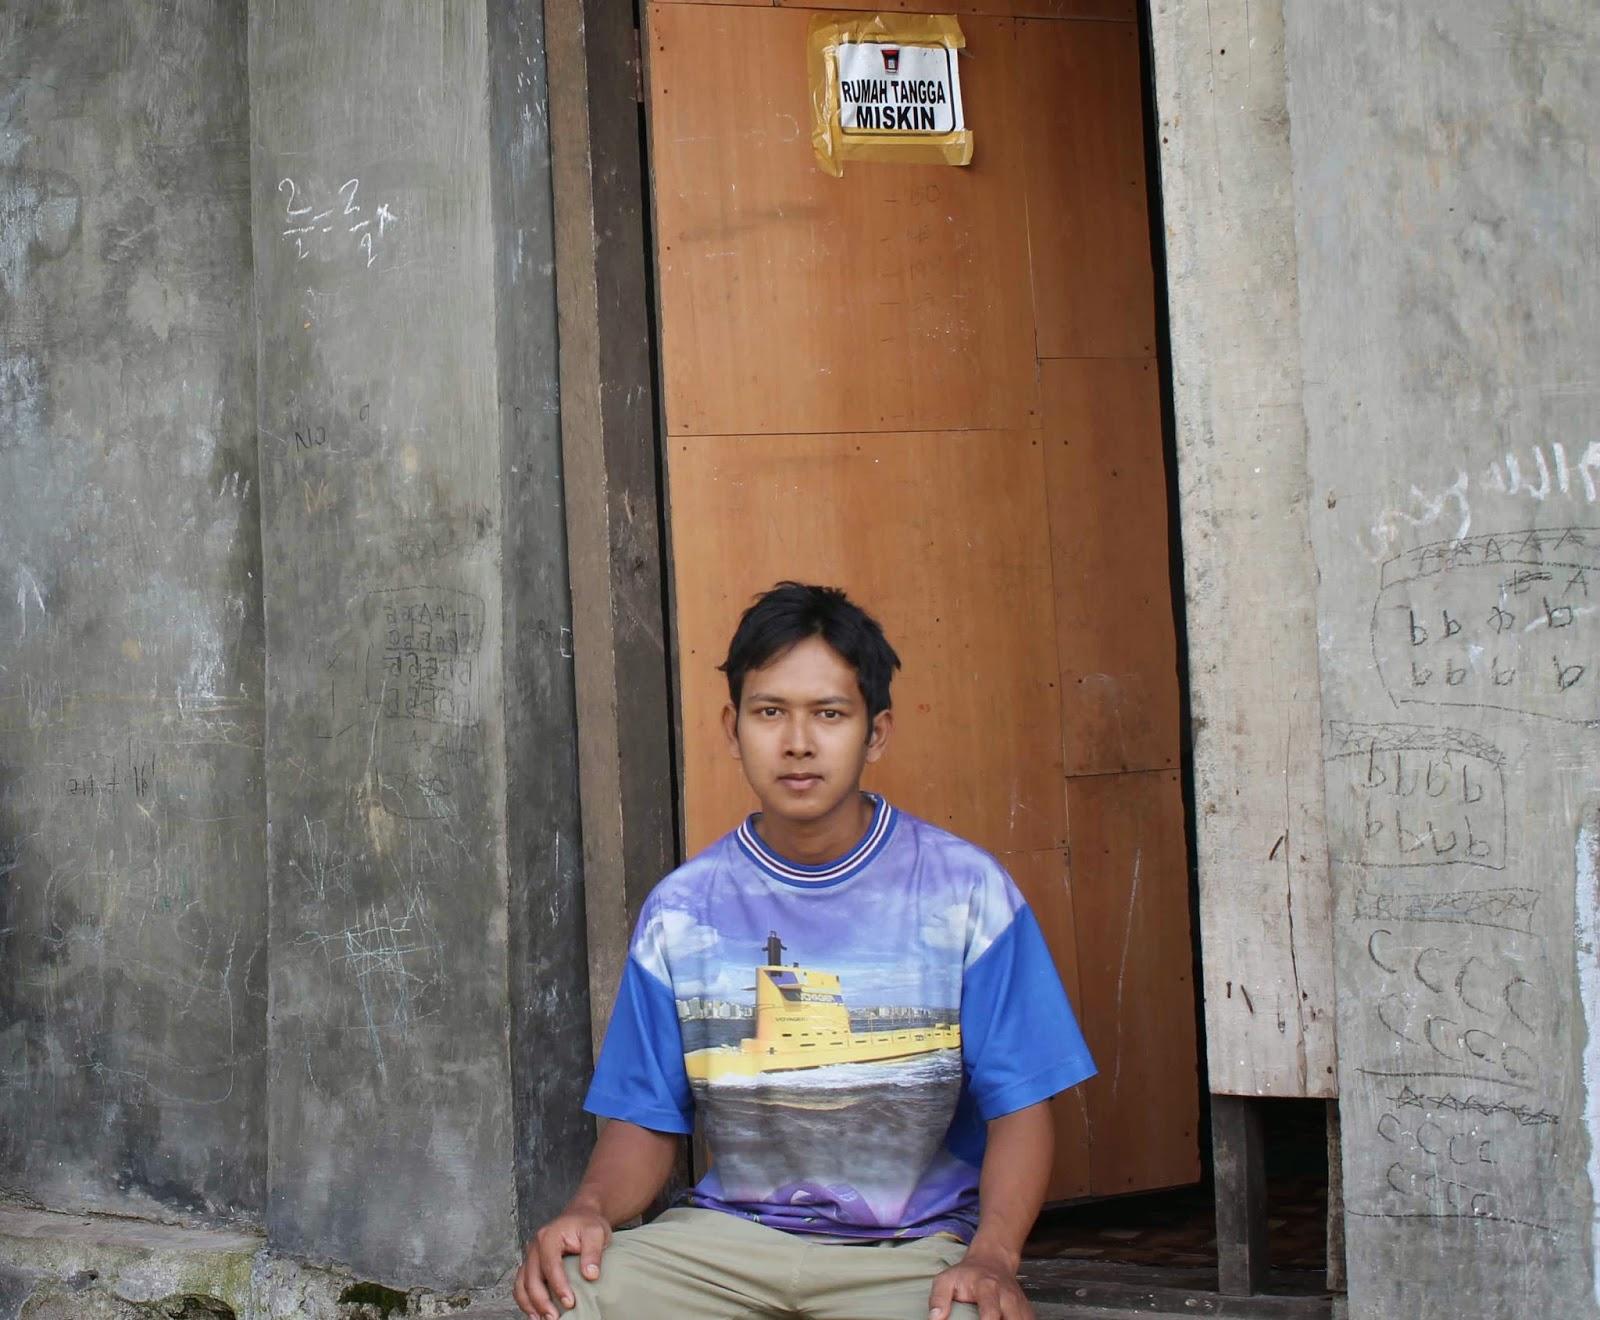 Mitos Aneh Yang masih Di Percaya Di Indonesia